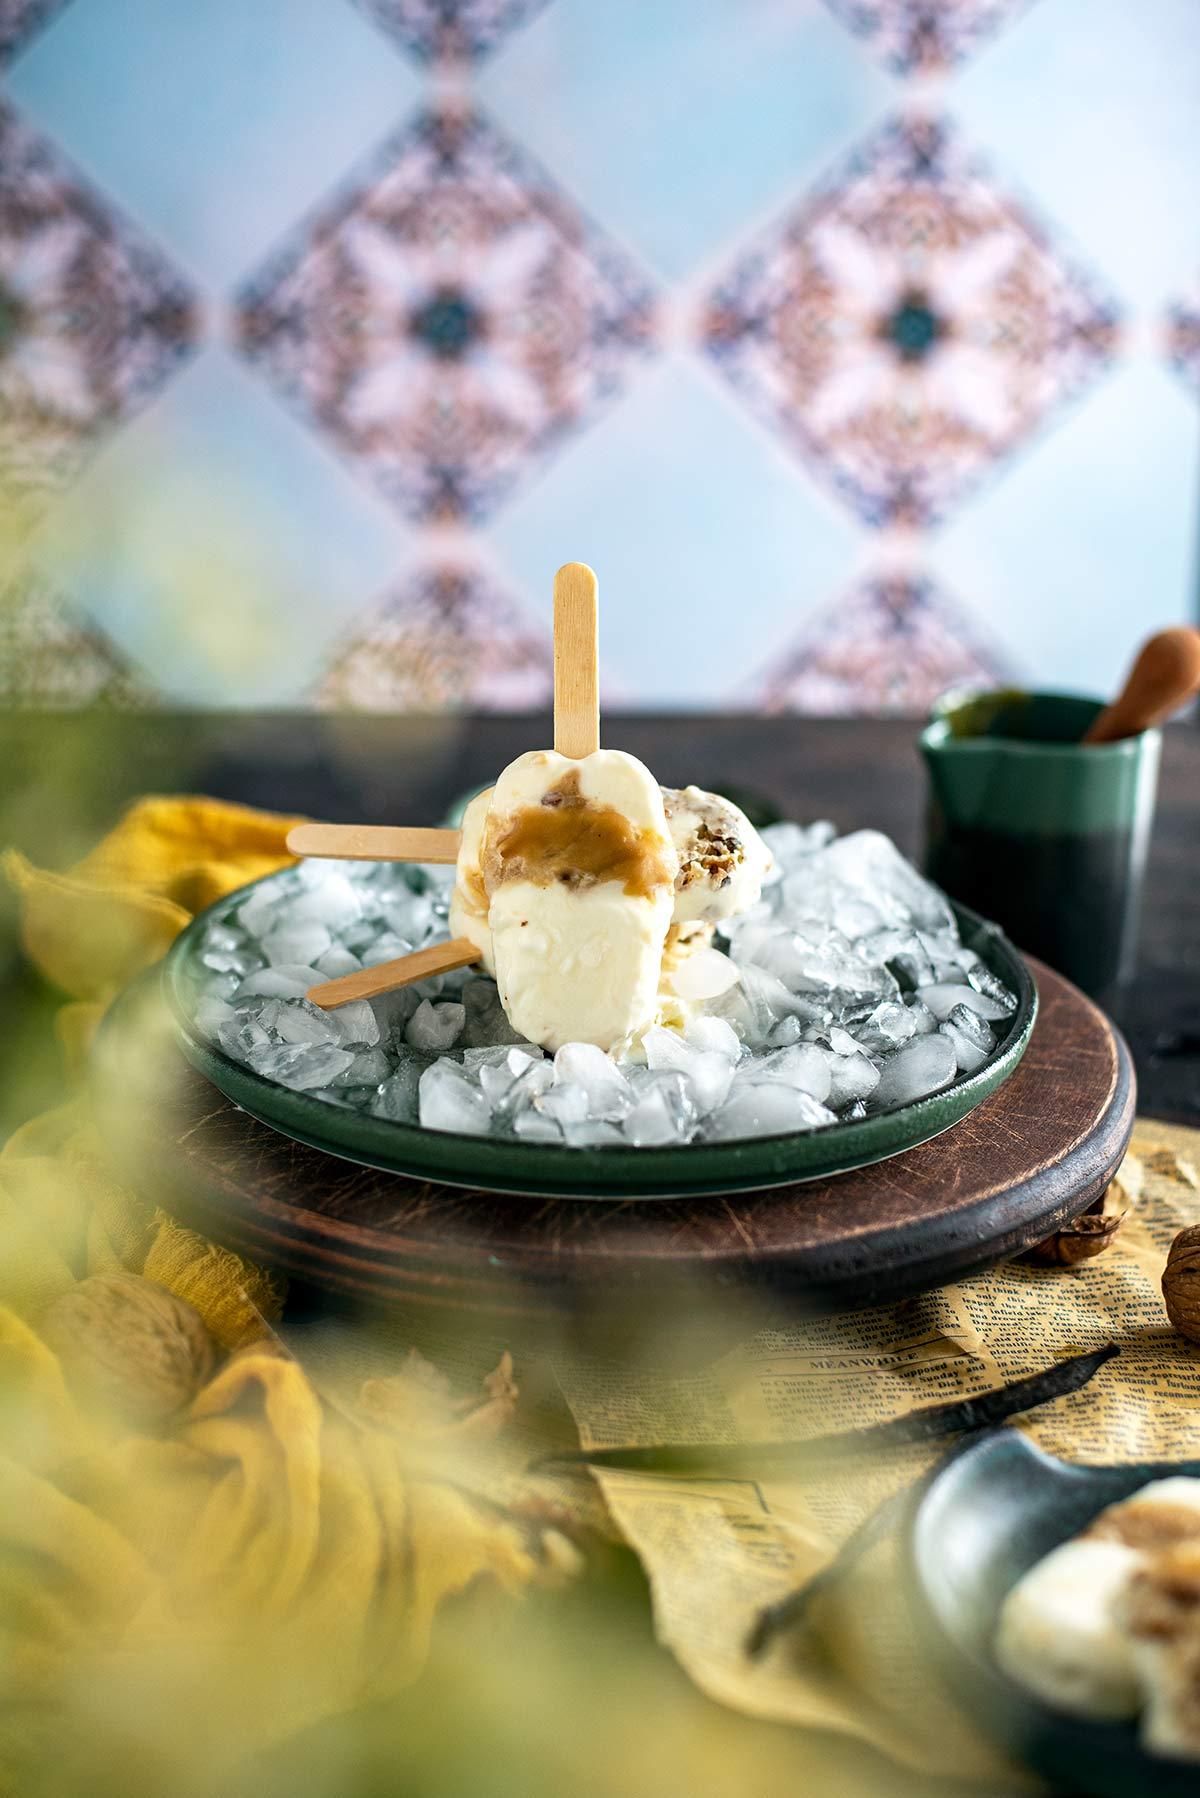 παγωτό, ξυλάκι, γιαούρτι, μέλι, συνταγή